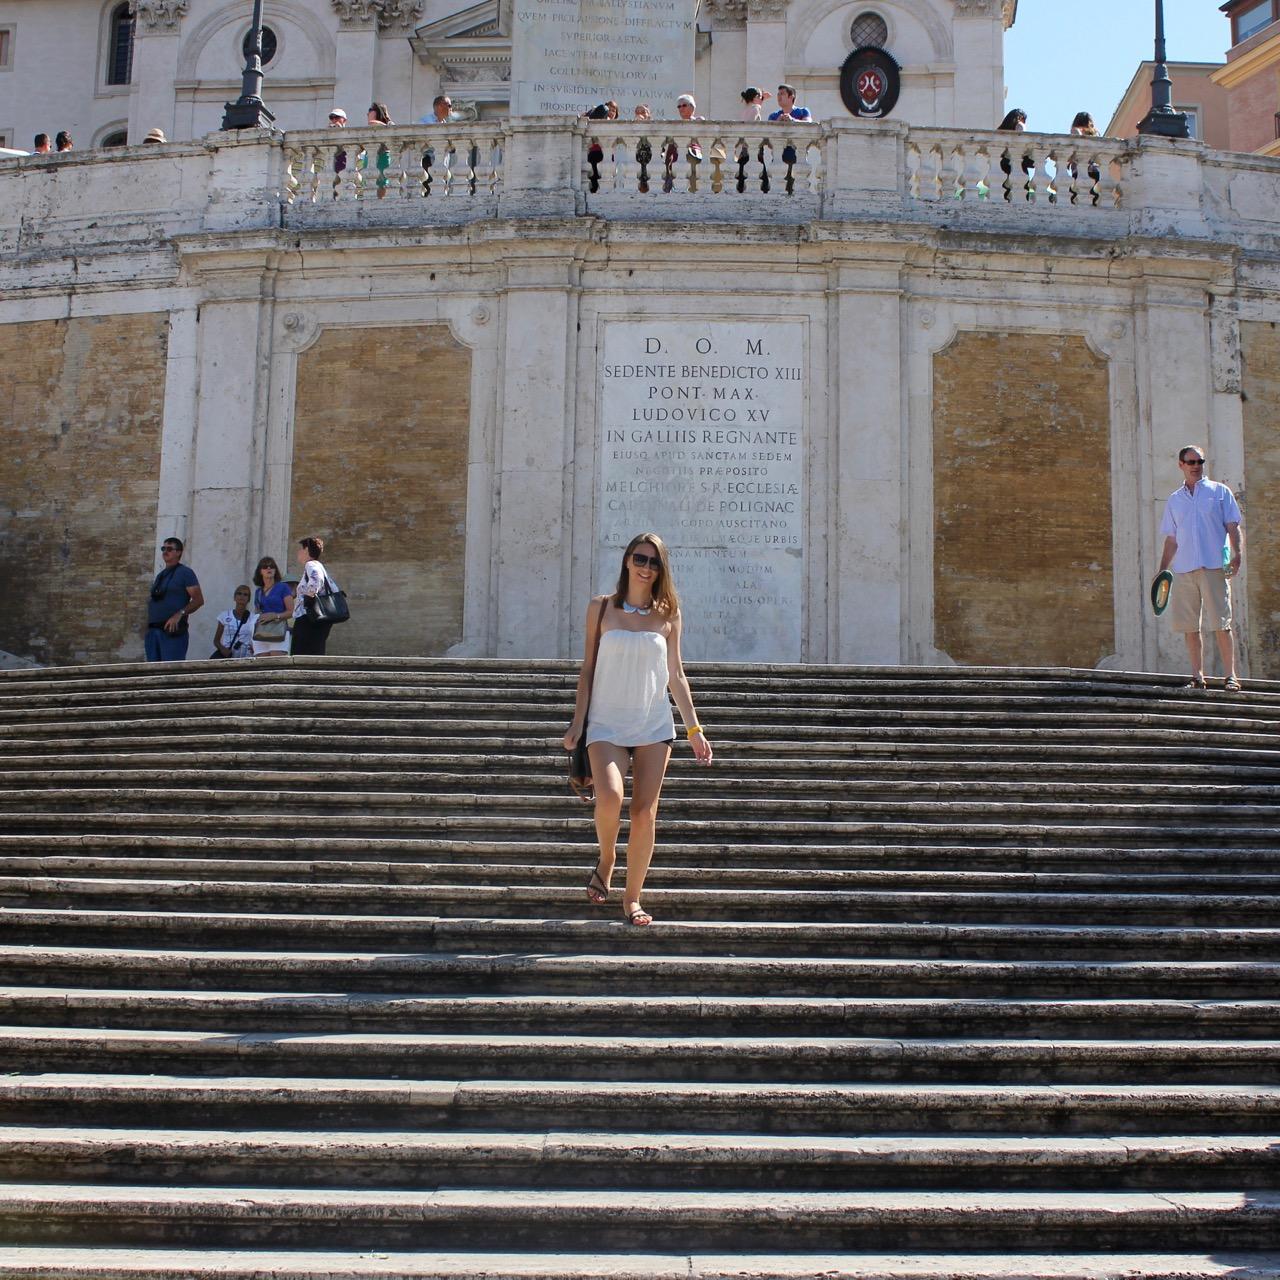 Rome, Italy - 9